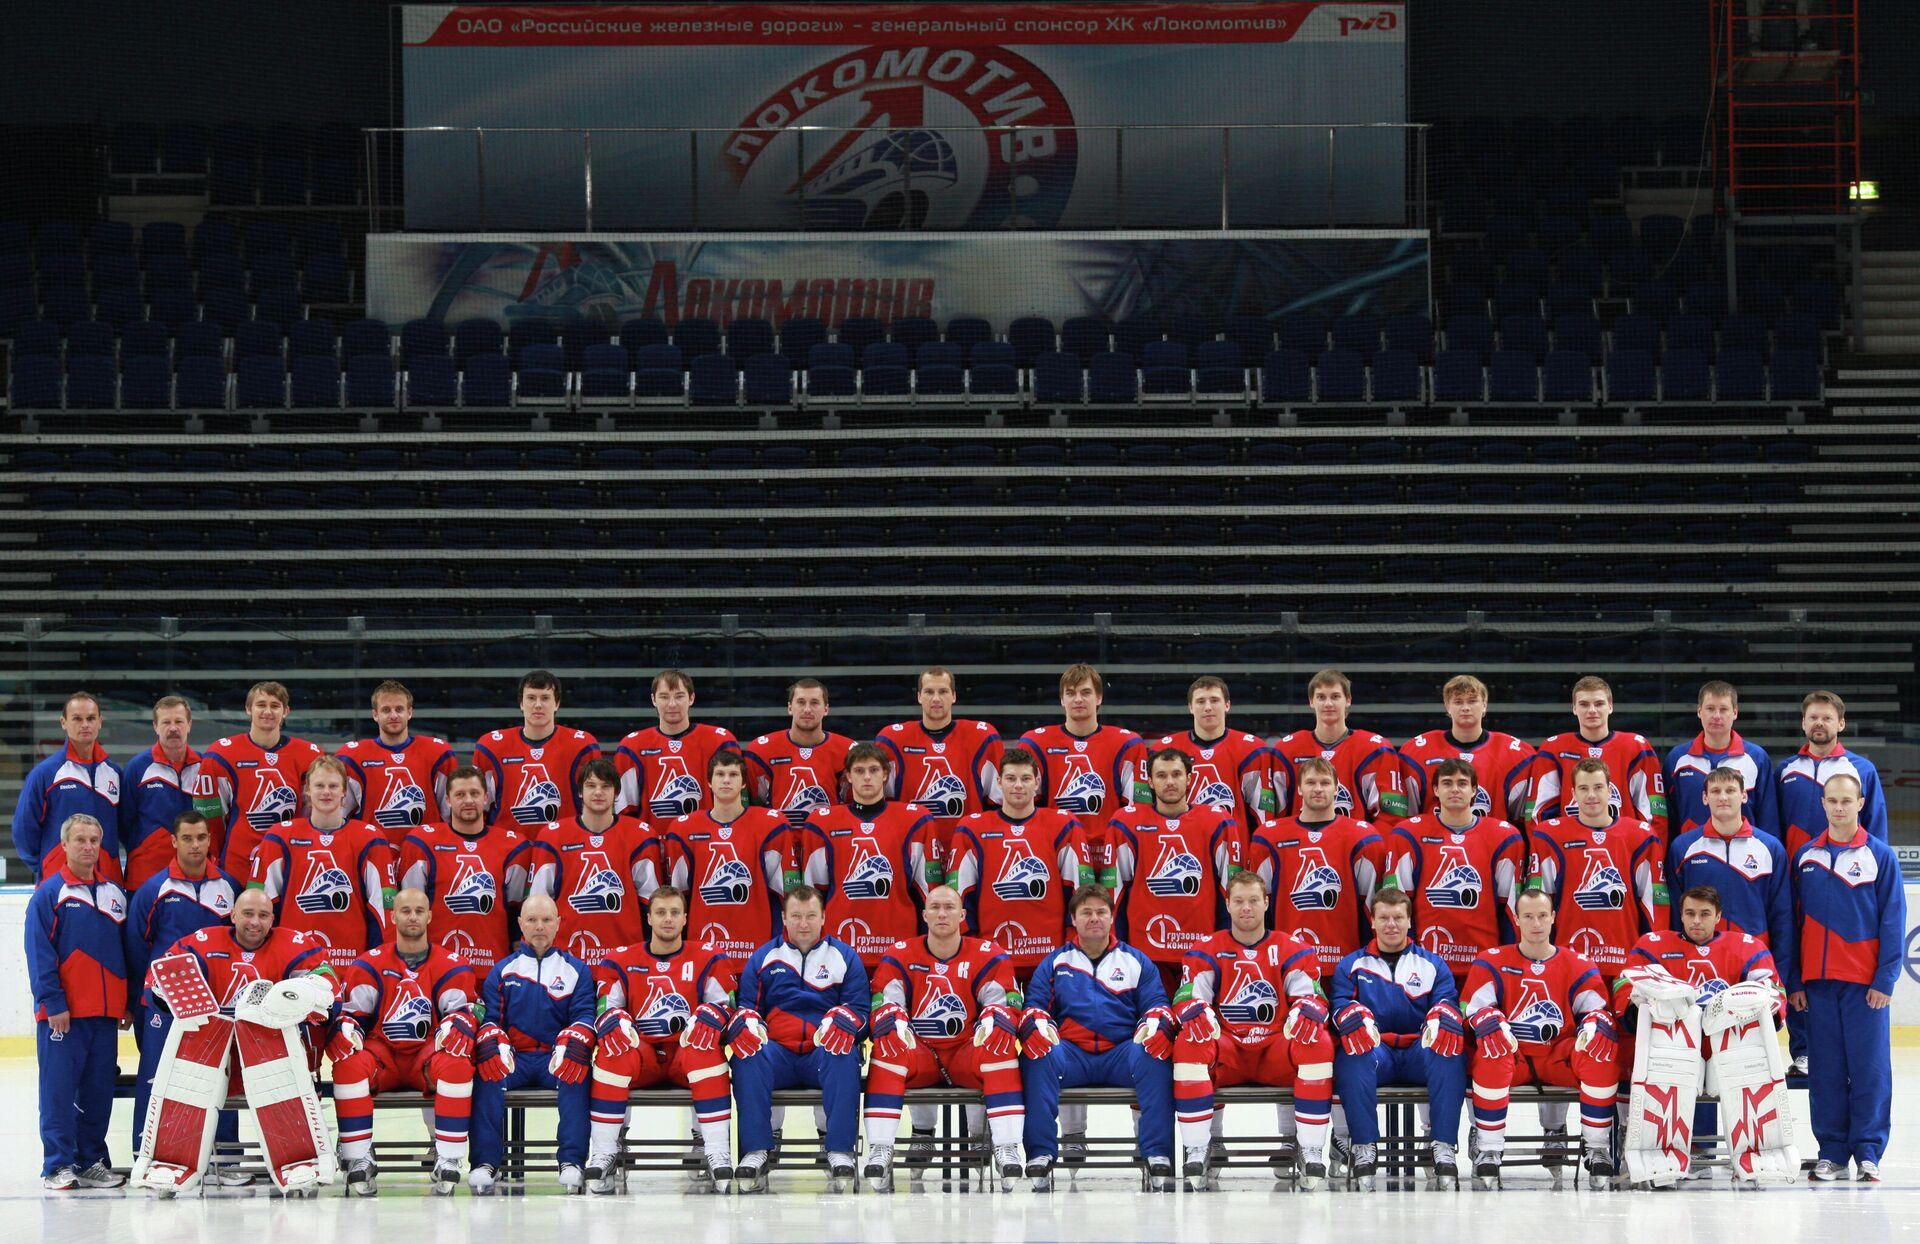 Хоккейный клуб Локомотив (Ярославль) перед сезоном 2011/12 - РИА Новости, 1920, 06.09.2021